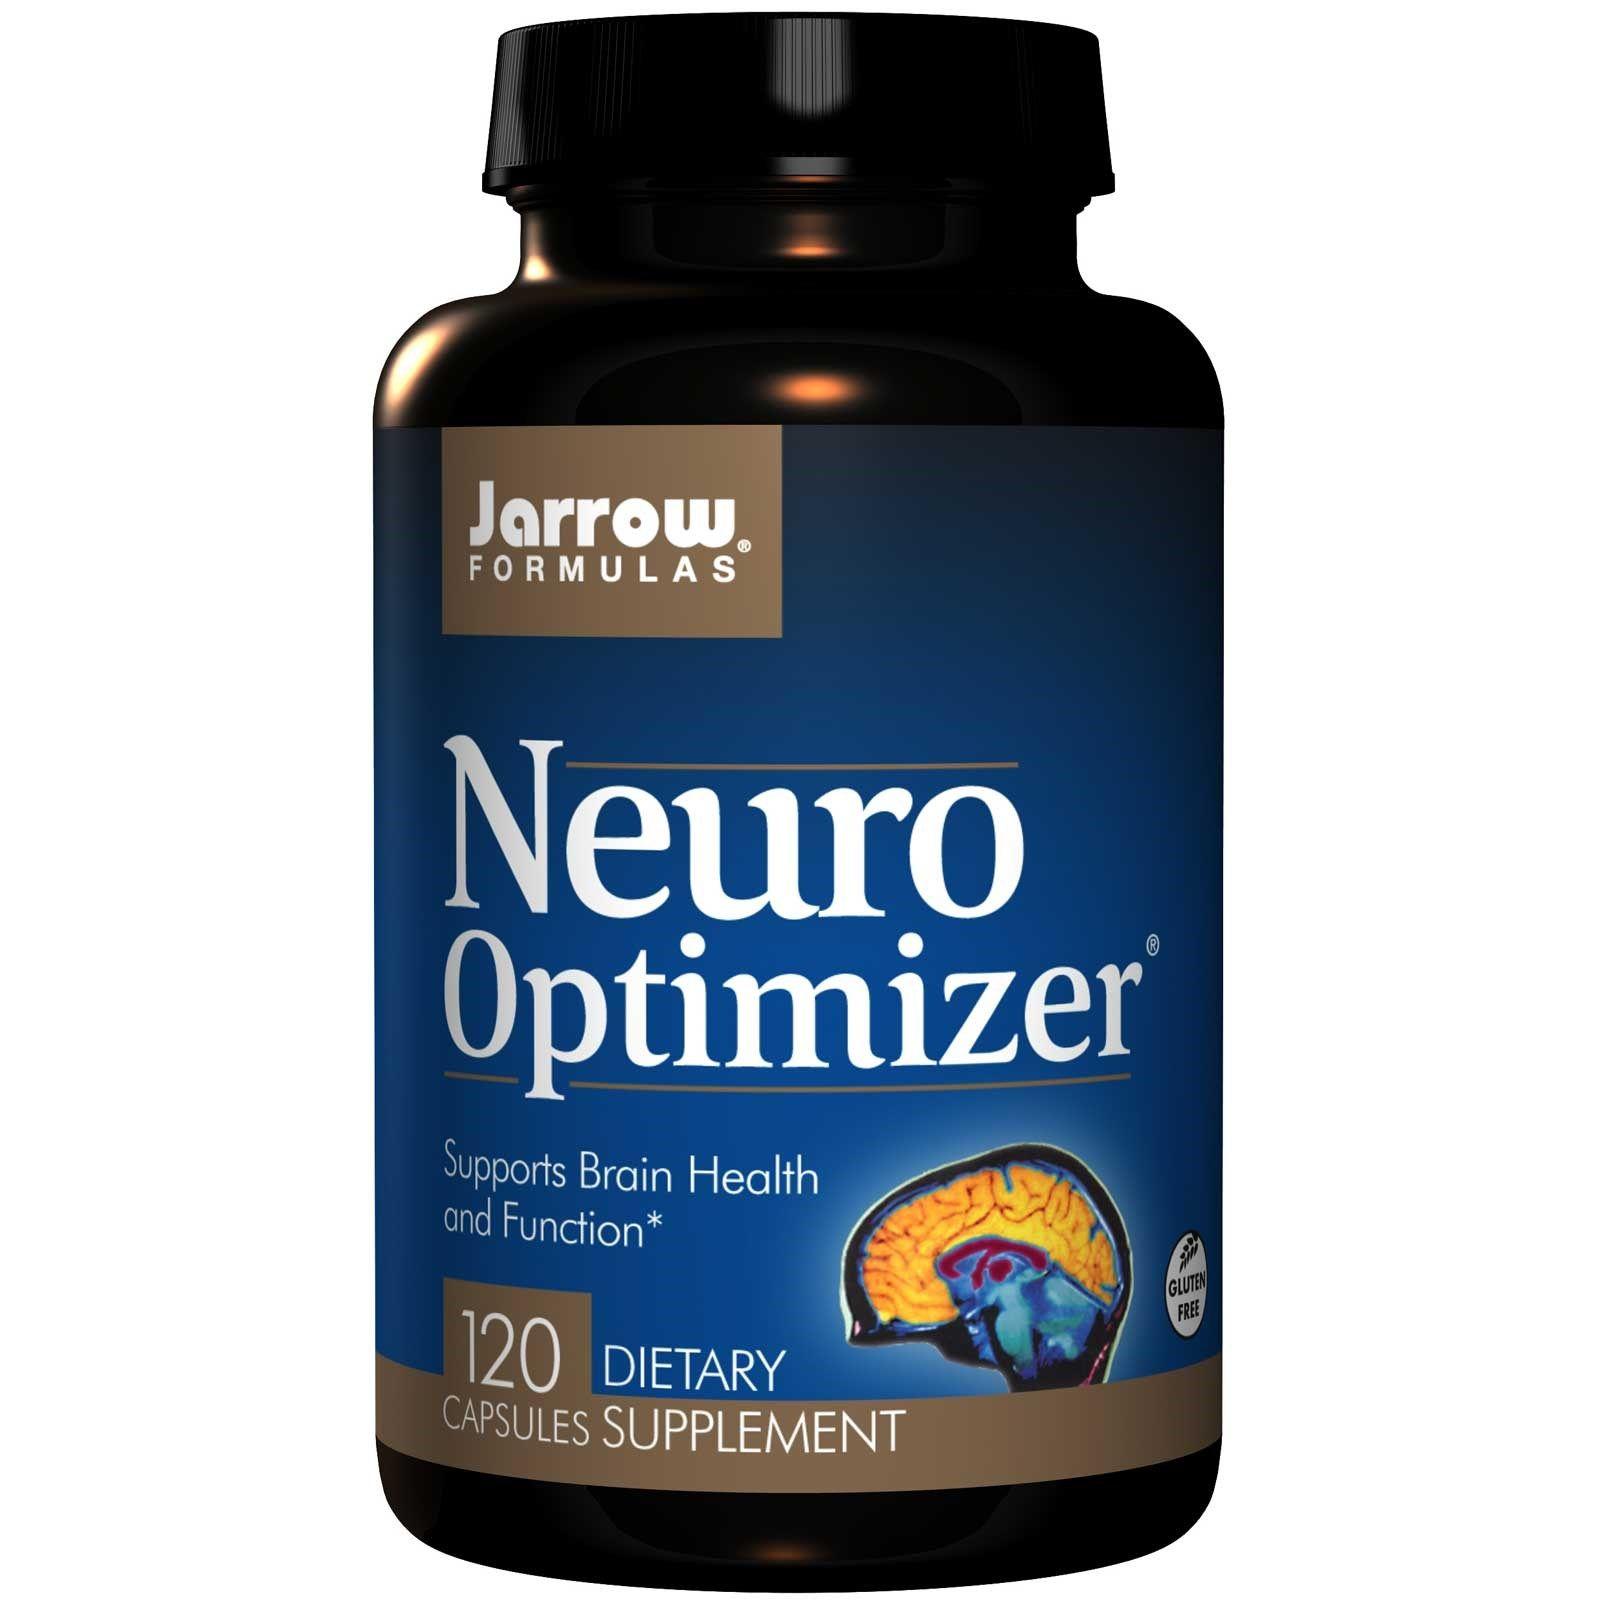 Viên bổ não tăng cường trí nhớ Neuro Optimizer Jarrow của Mỹ